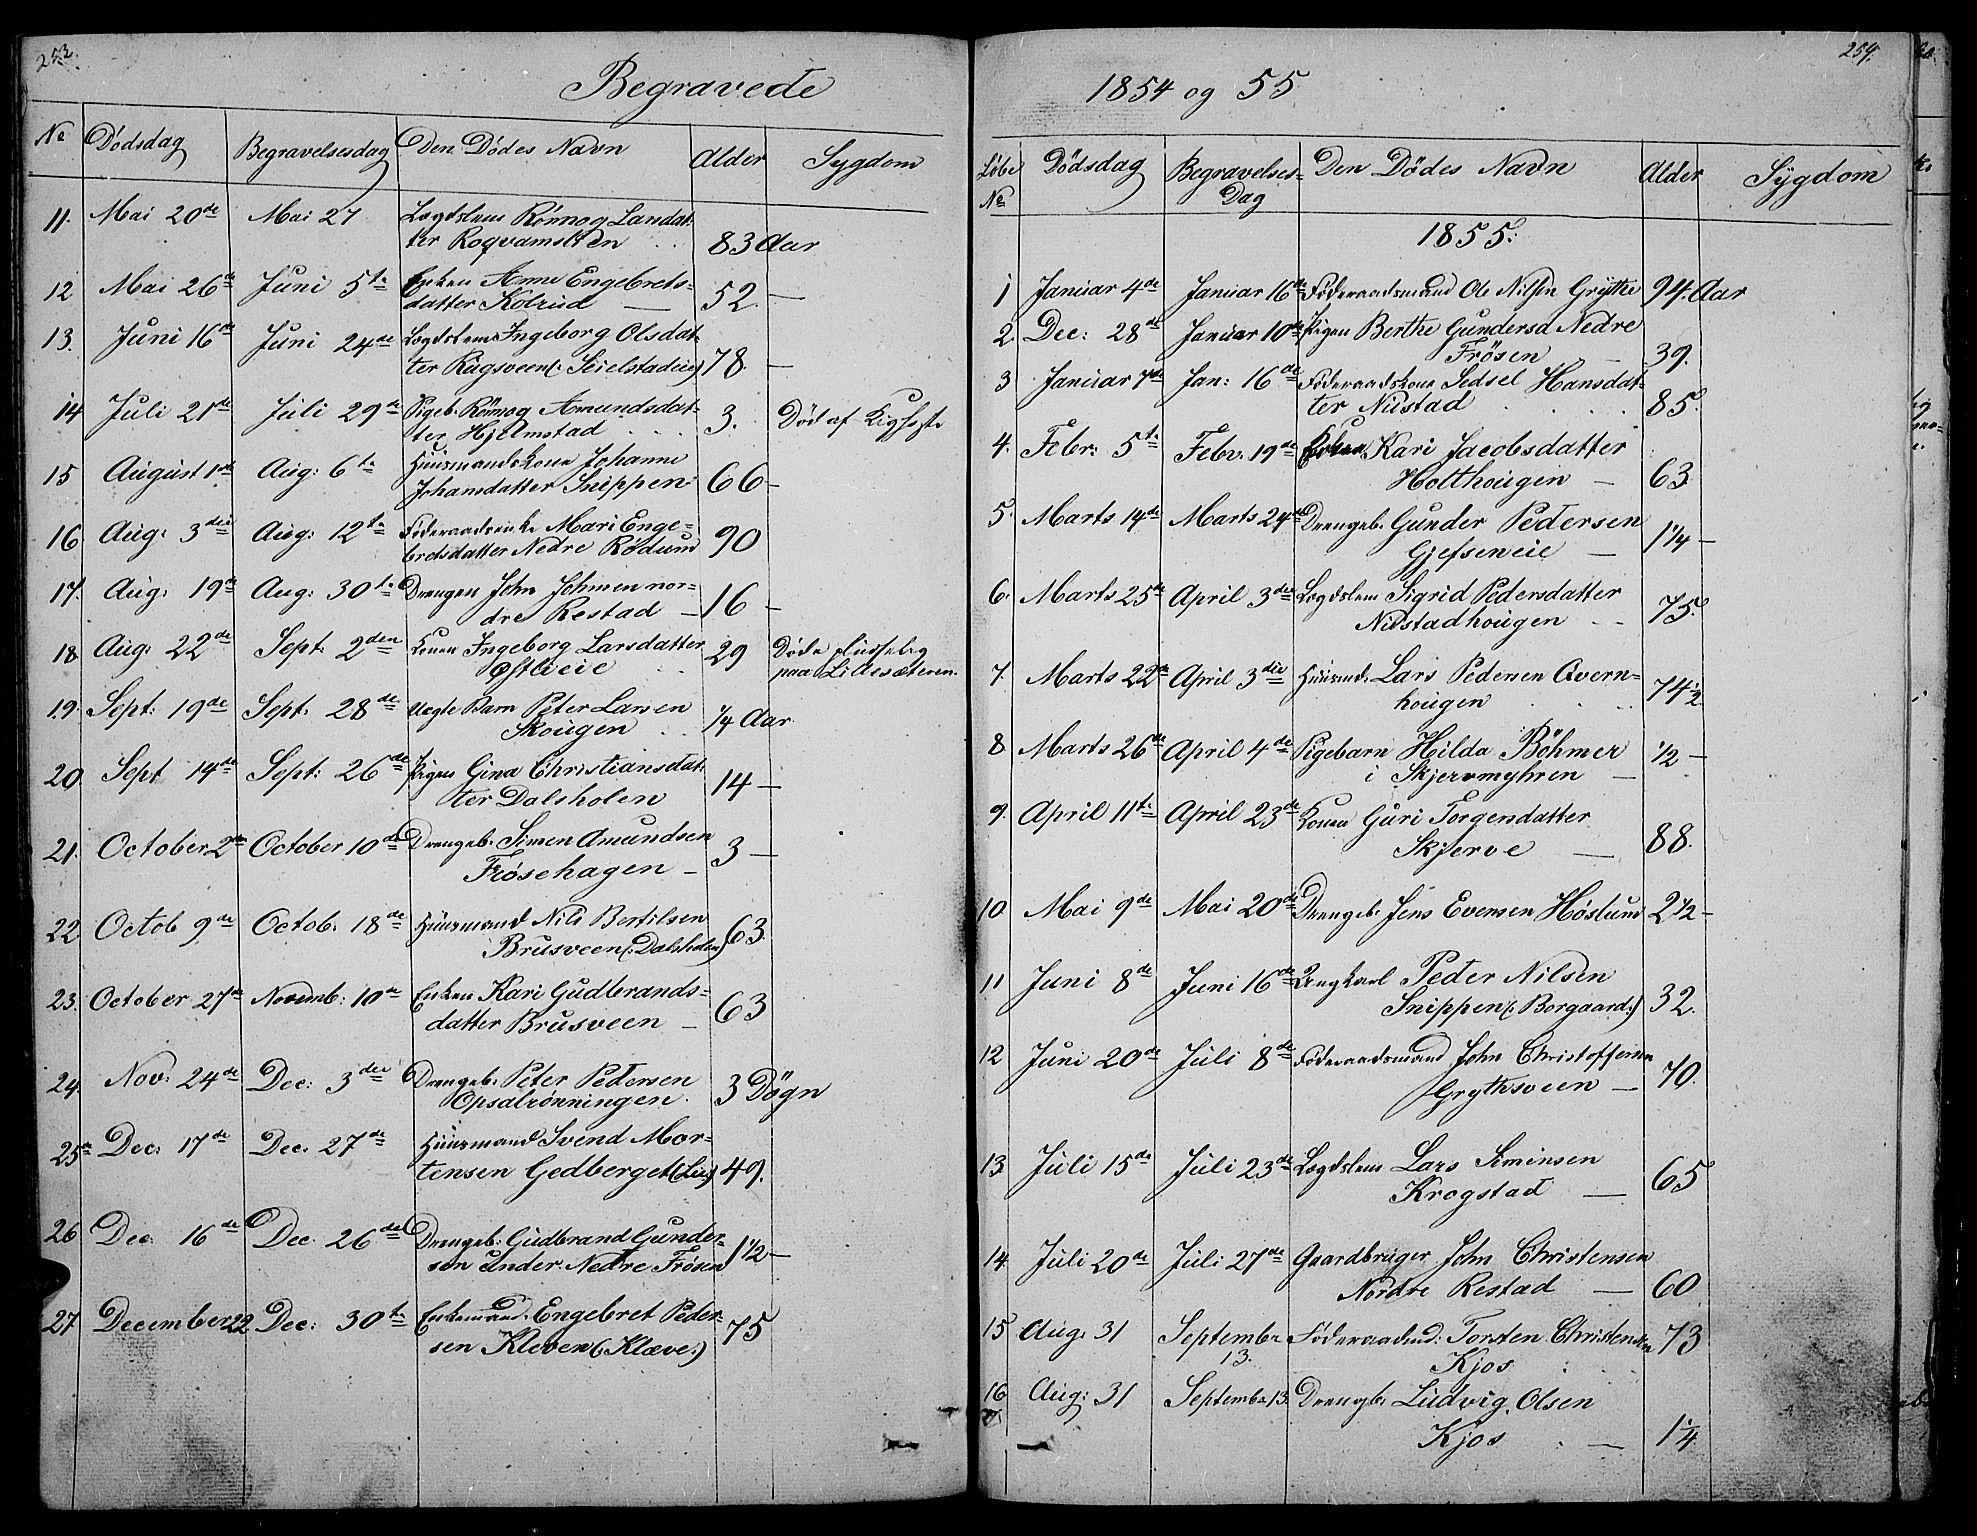 SAH, Gausdal prestekontor, Klokkerbok nr. 3, 1829-1864, s. 253-254